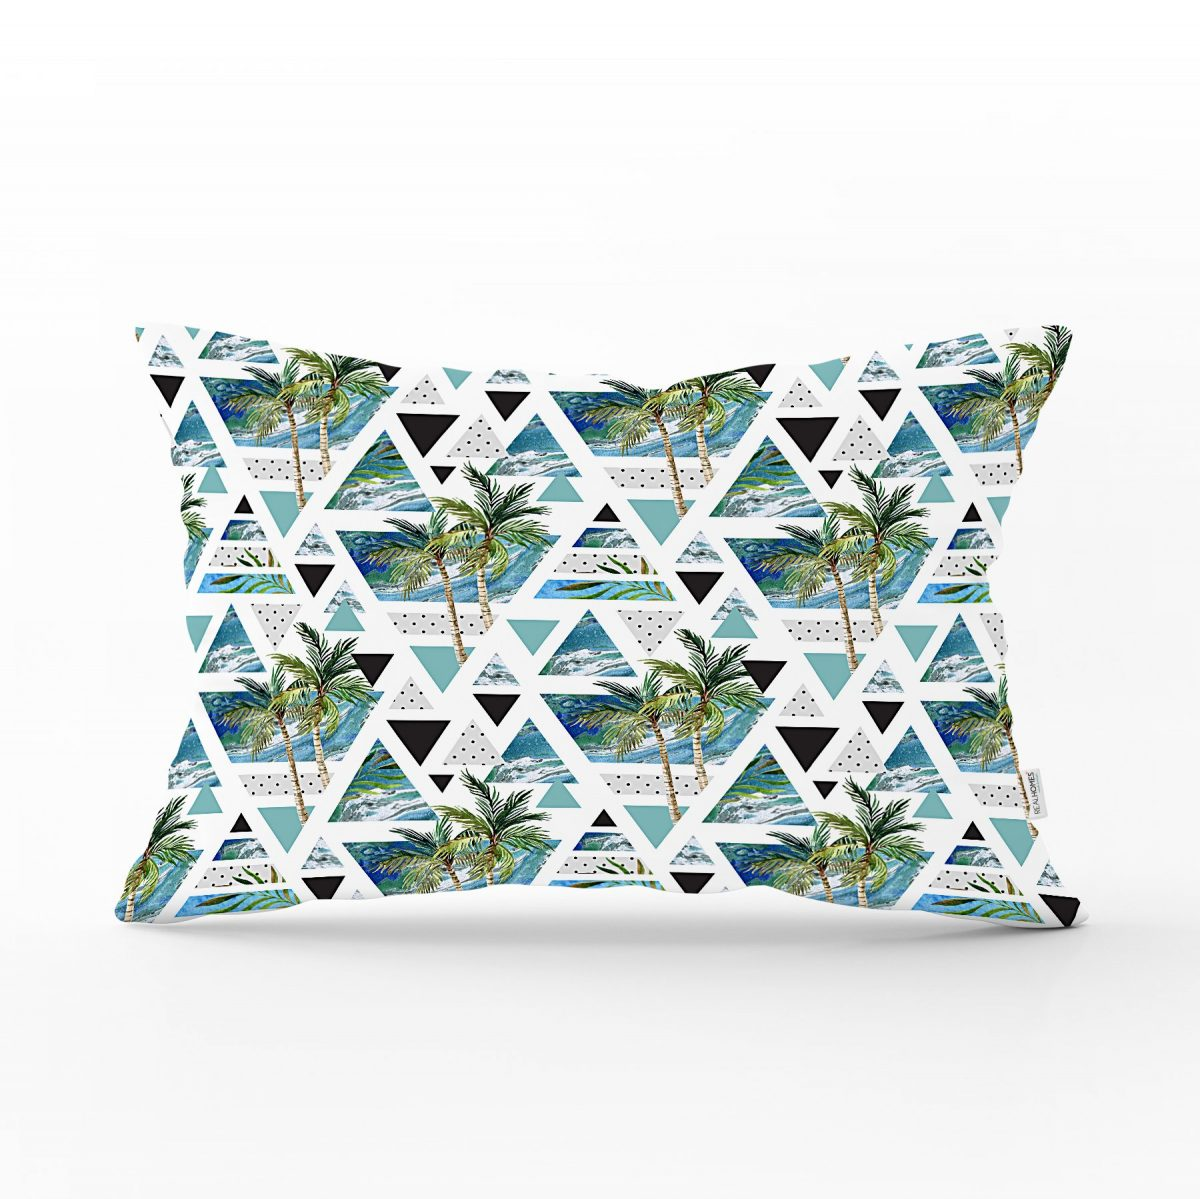 Mavi Geometrik Palmiye Desenleri Dekoratif Dikdörtgen Yastık Kılıfı Realhomes